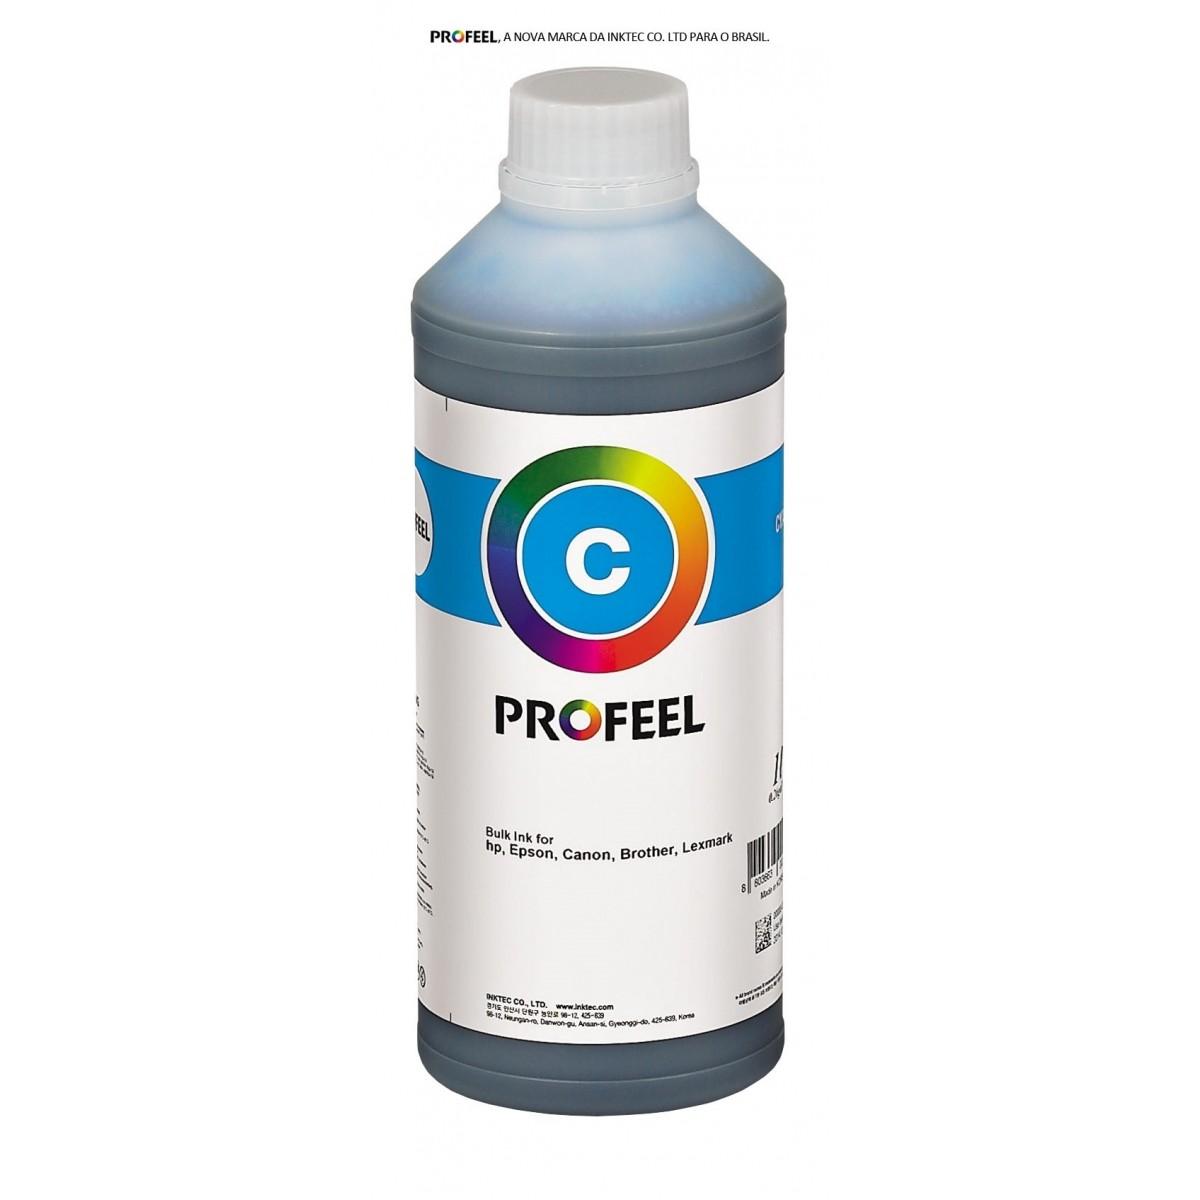 Tinta corante InkTec Profeel para Canon Maxx tinta | modelo C0090-01LC | Frasco de 1 litro | Cor : Ciano